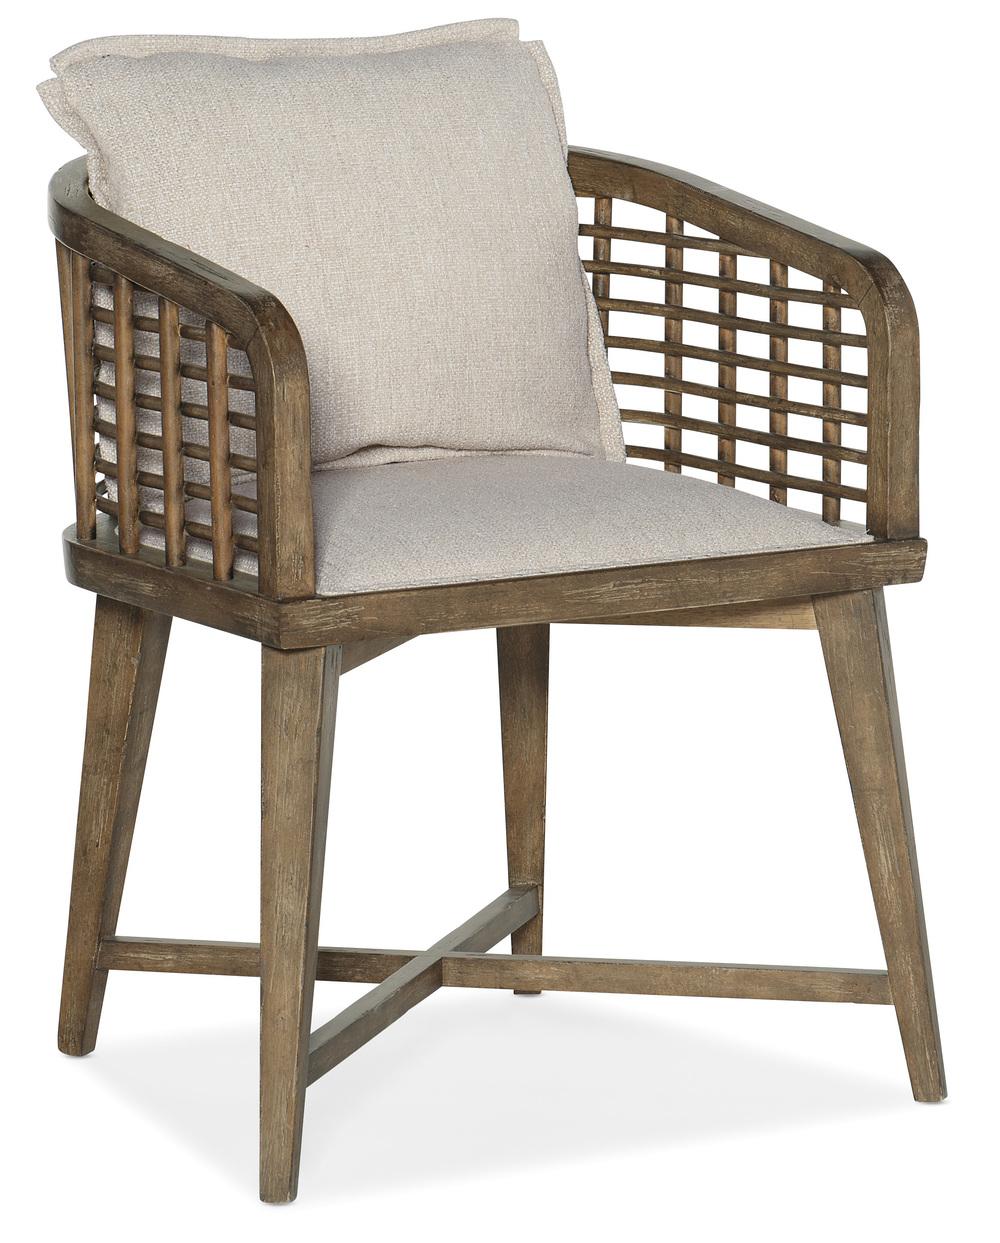 Hooker Furniture - Barrel Back Chair